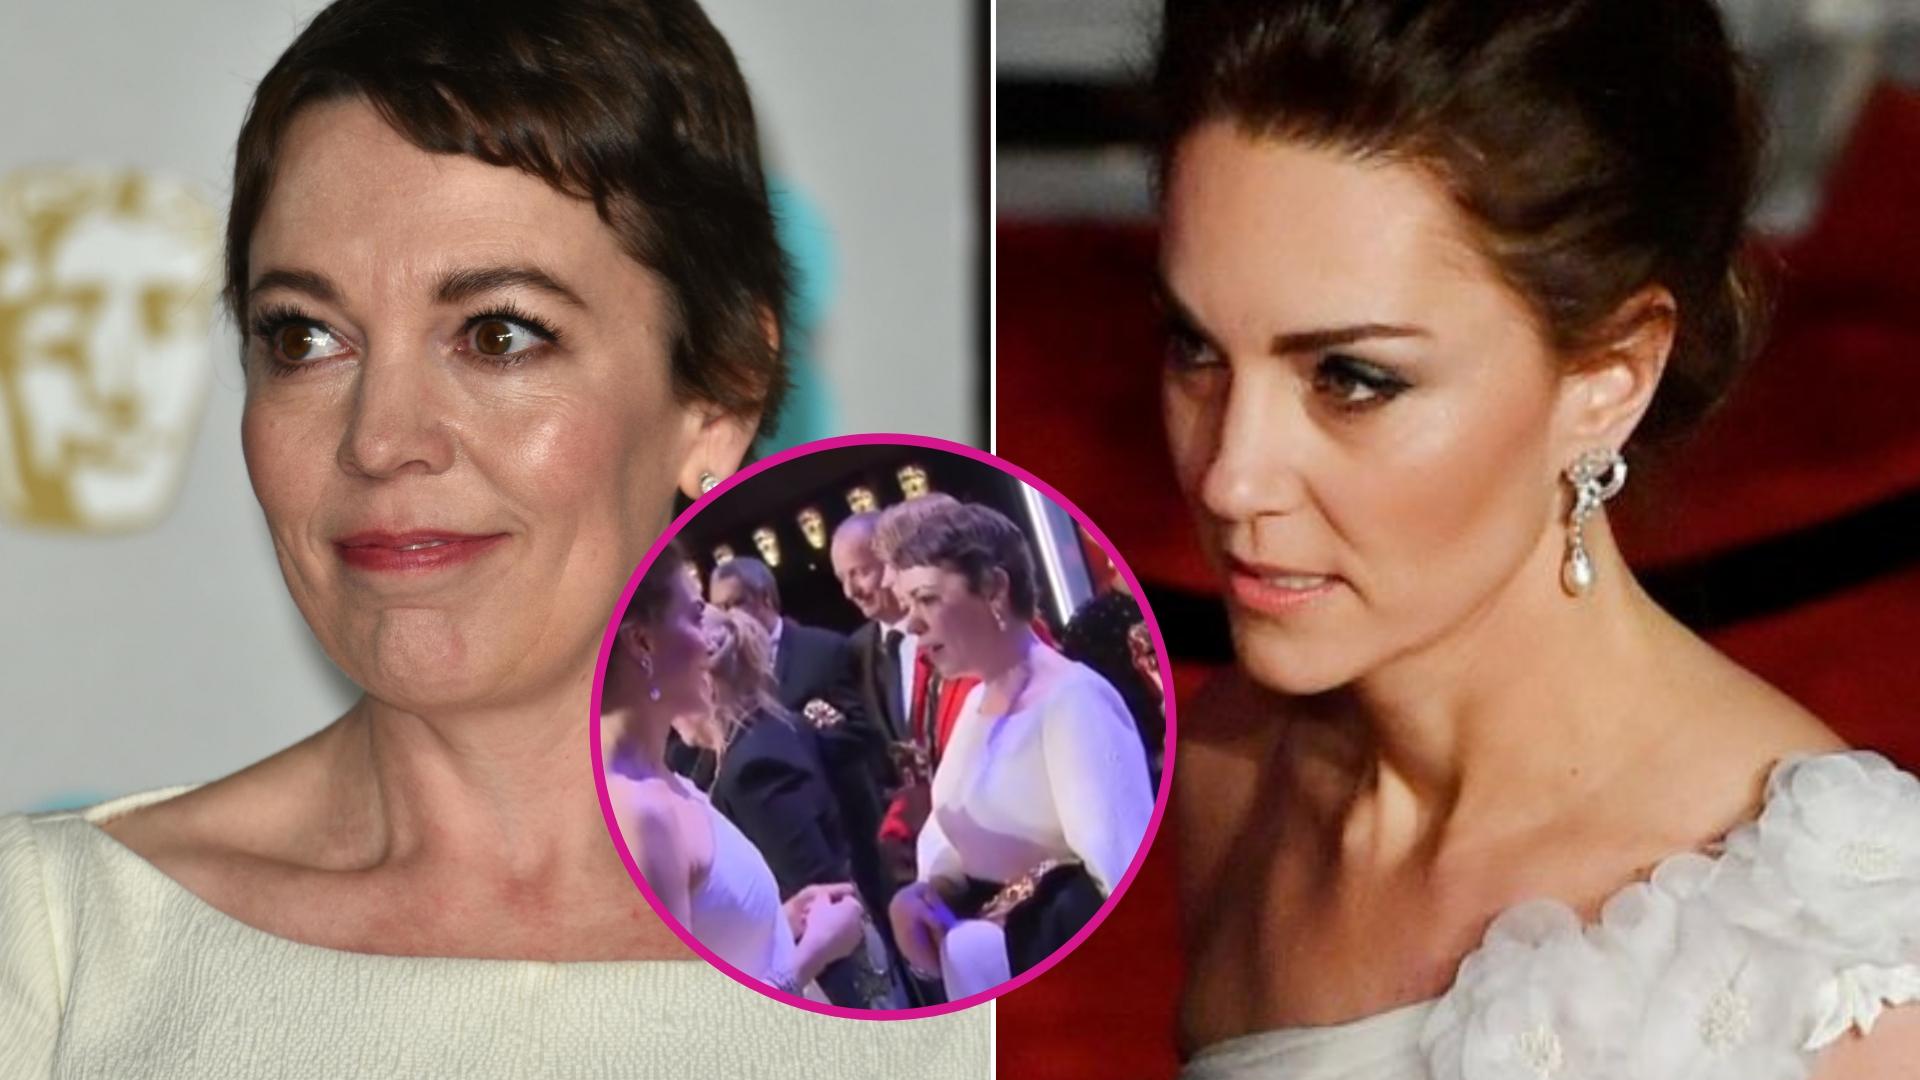 Niezręczna sytuacja z udziałem Kate i aktorki wcielającej się w rolę Elżbiety II